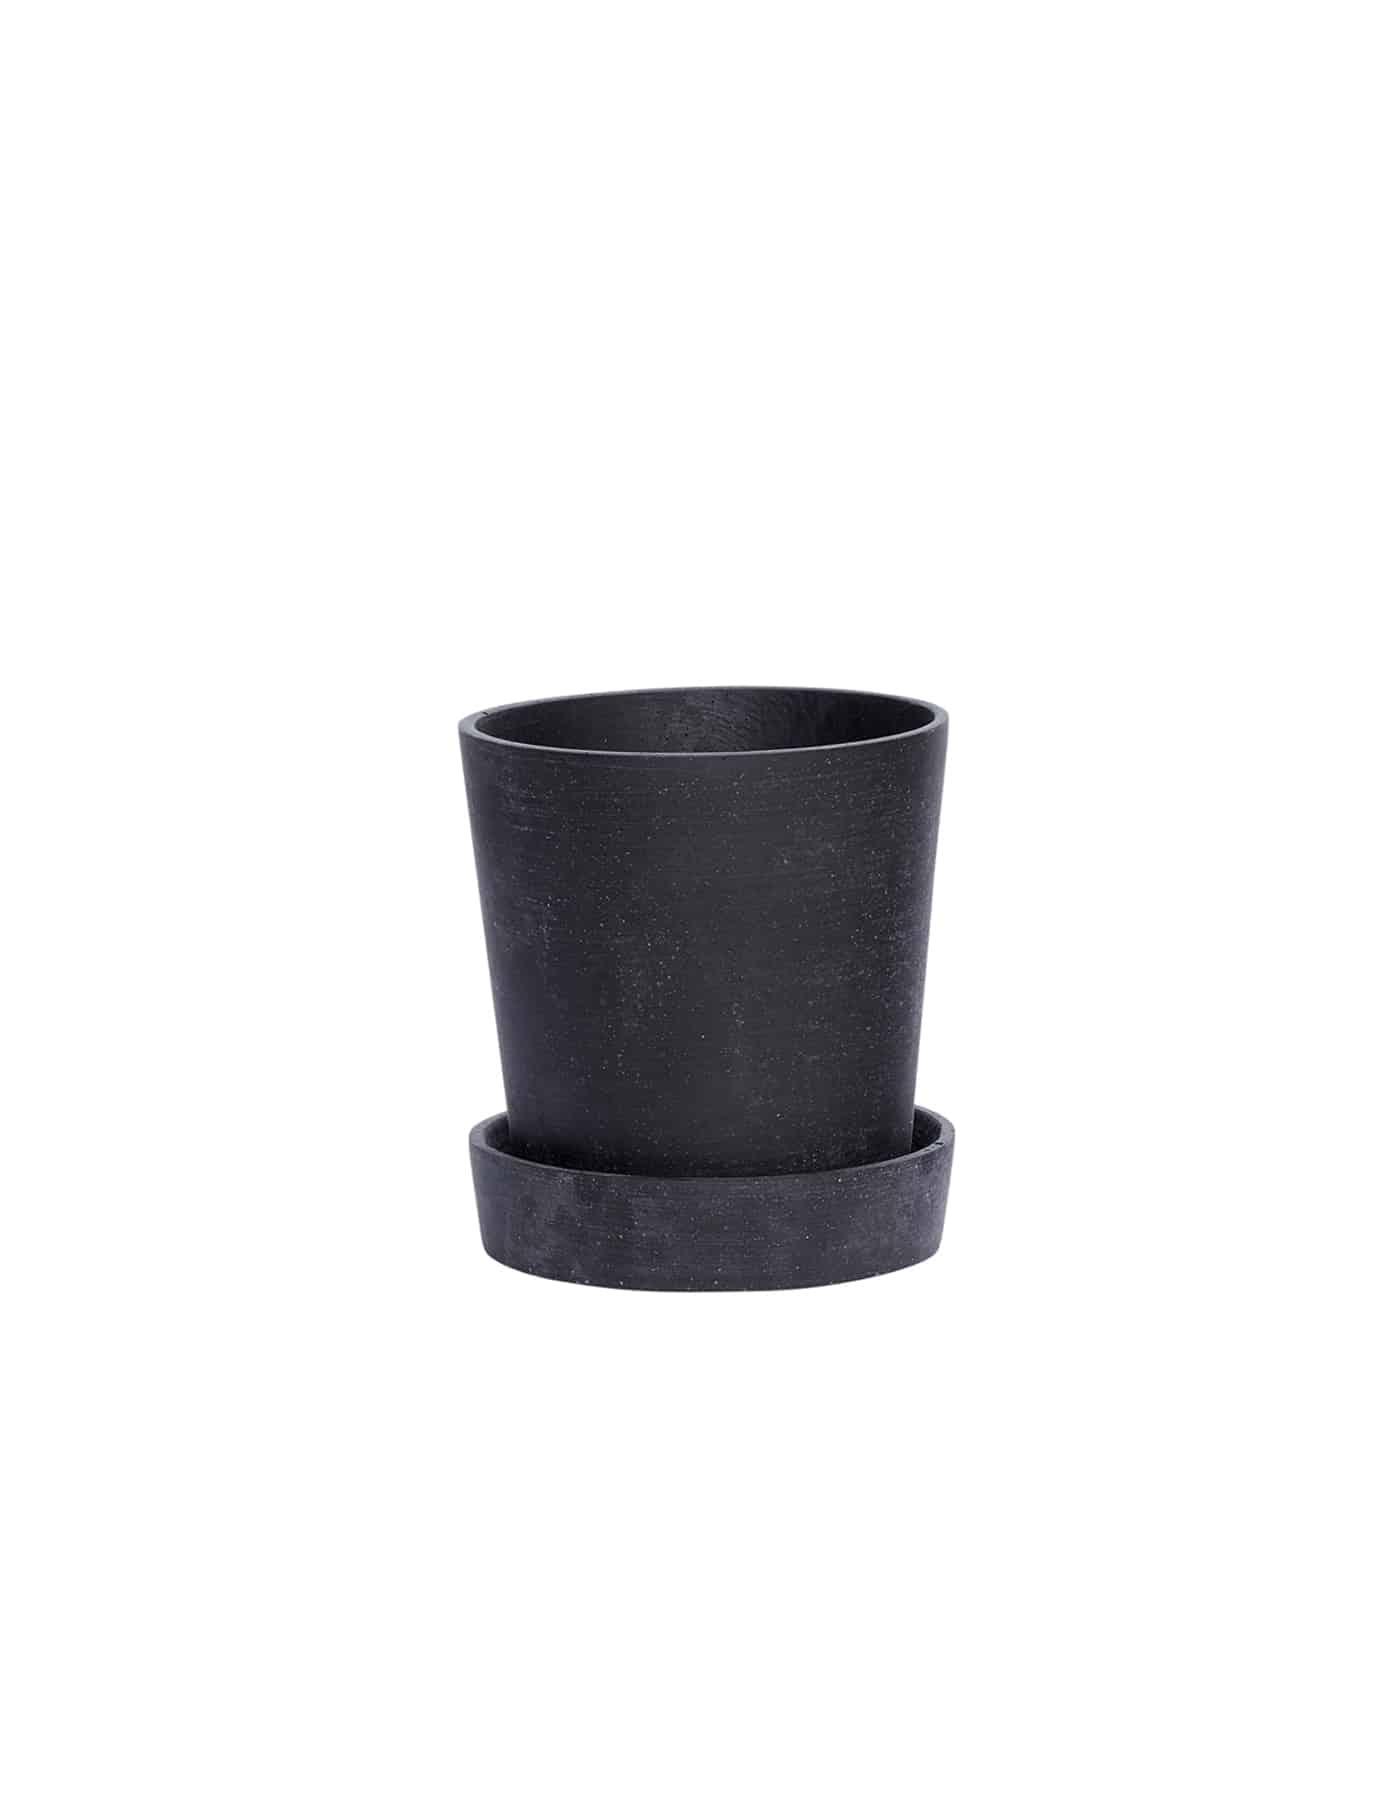 Hübsch Medium Black Tapered Plant Pot